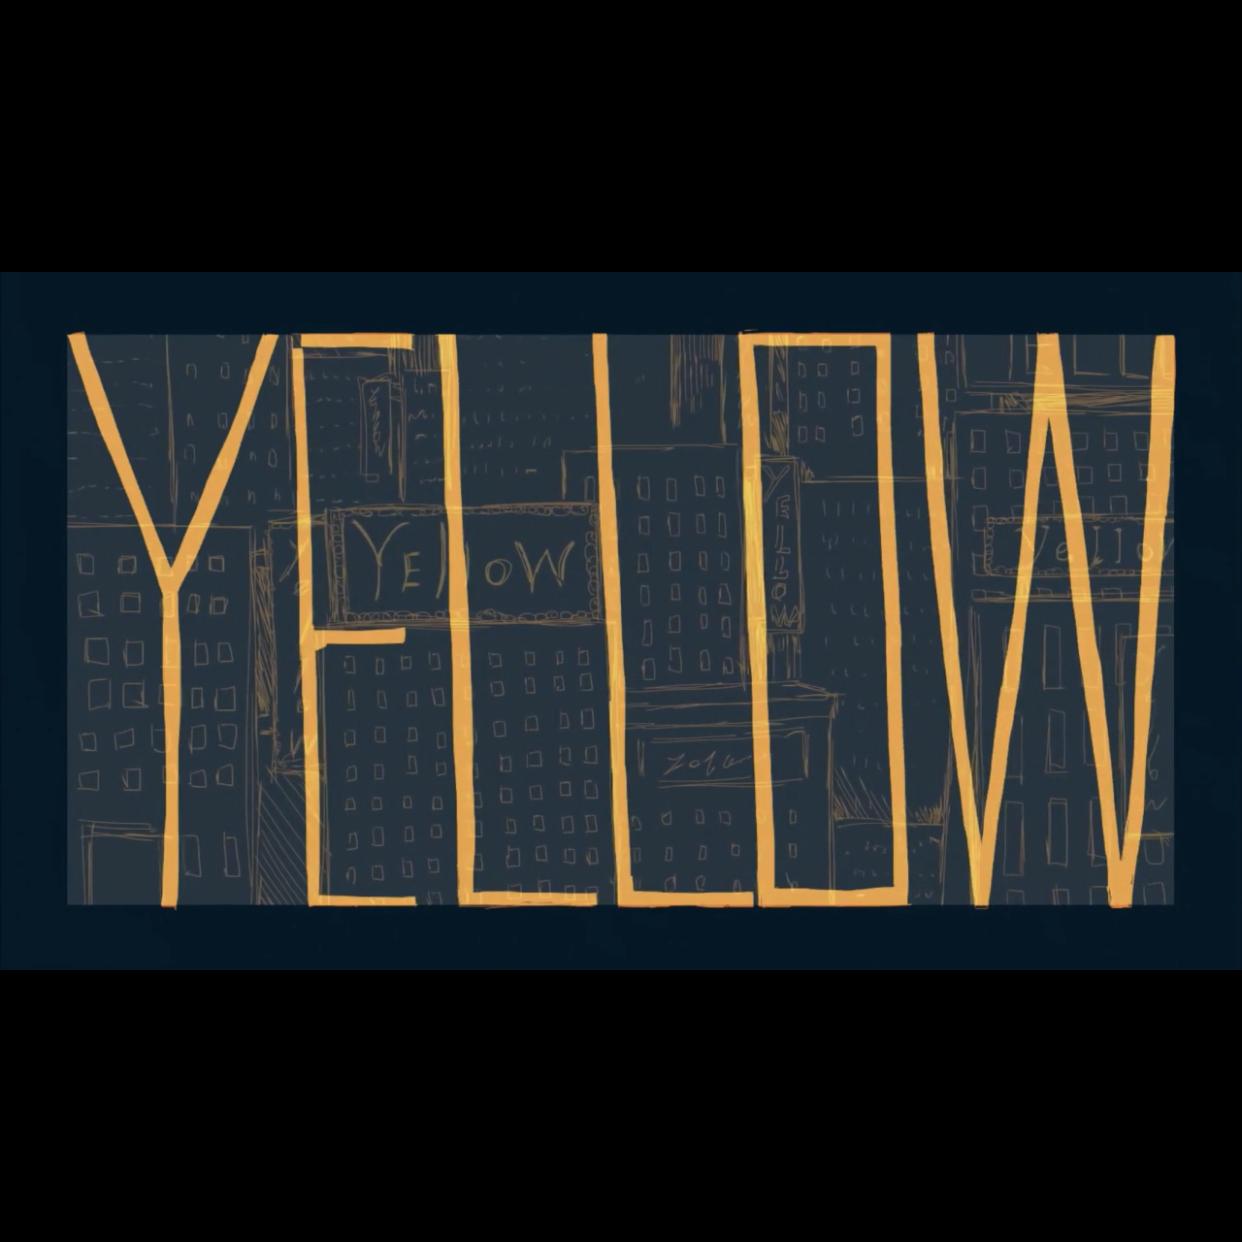 yellow有机酸中文翻译 yellow中文谐音唱法